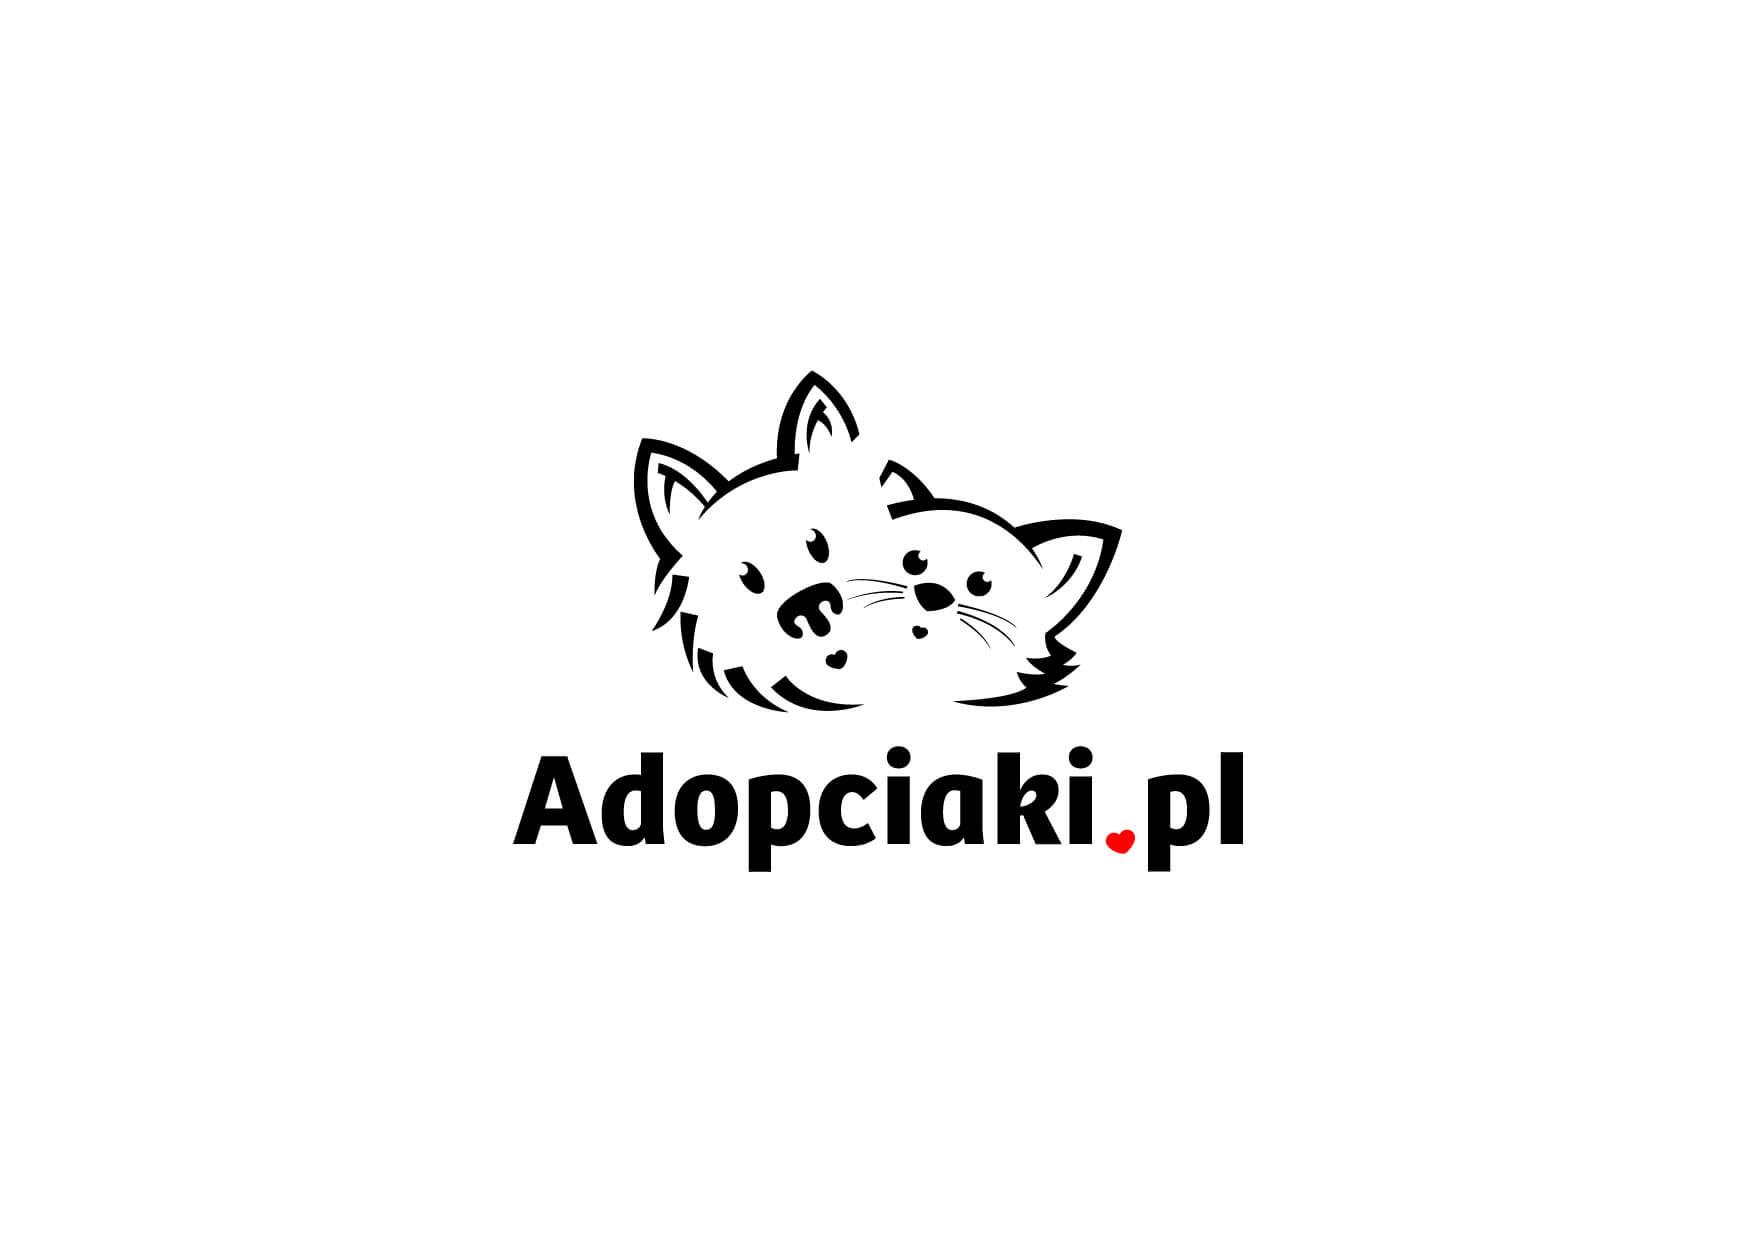 Logo Adopciaki.pl – Pińczyce niedaleko Katowic